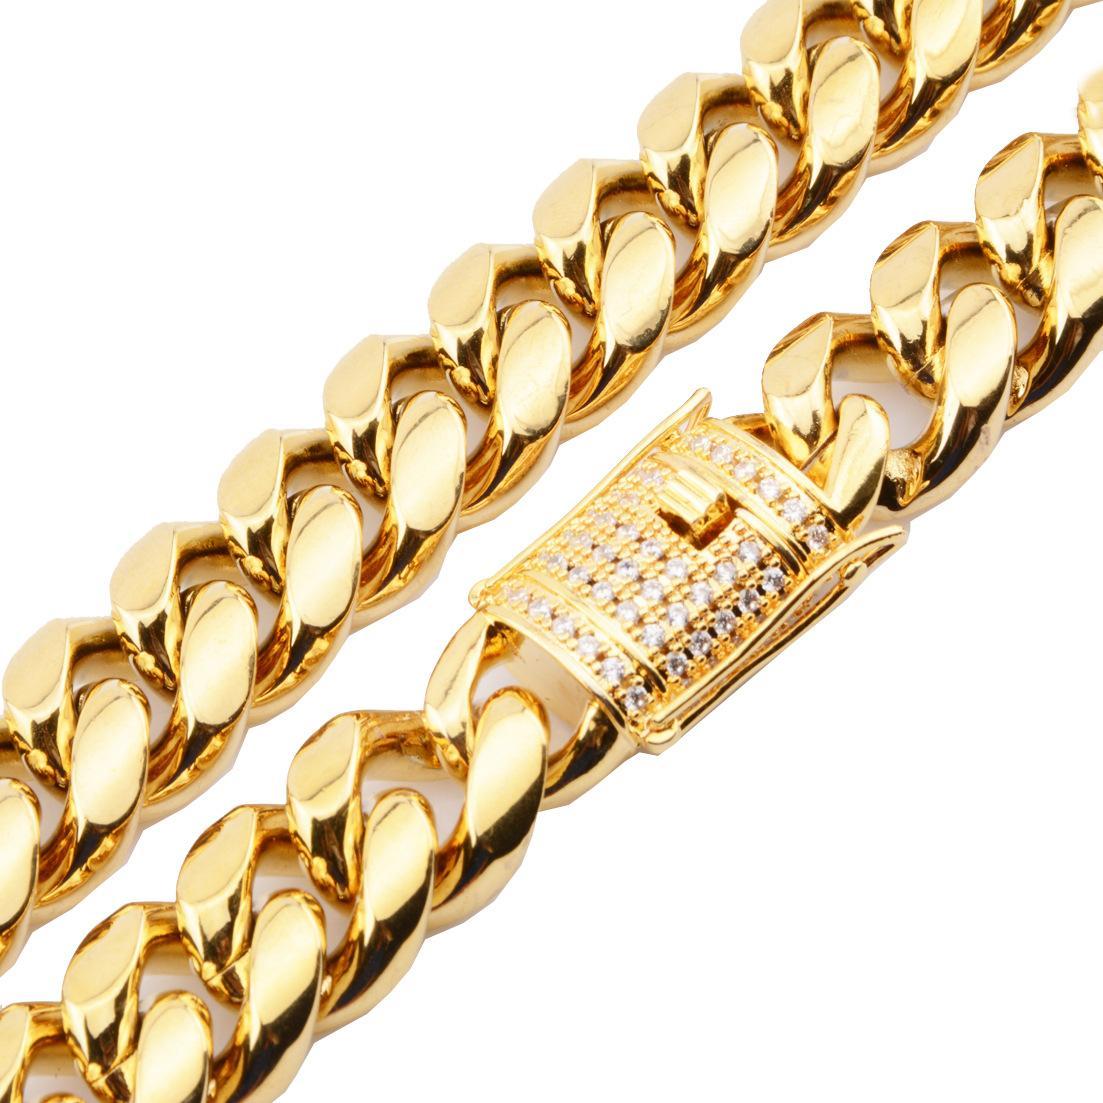 18 мм Heavy Mens 18K Gold заполнены сплошной кубинской CURB COURB COURBECE CUELLA BRACELES MIAMI мужской кубинской обузки звена цепи ожерелье браслеты 20'22 '' ''